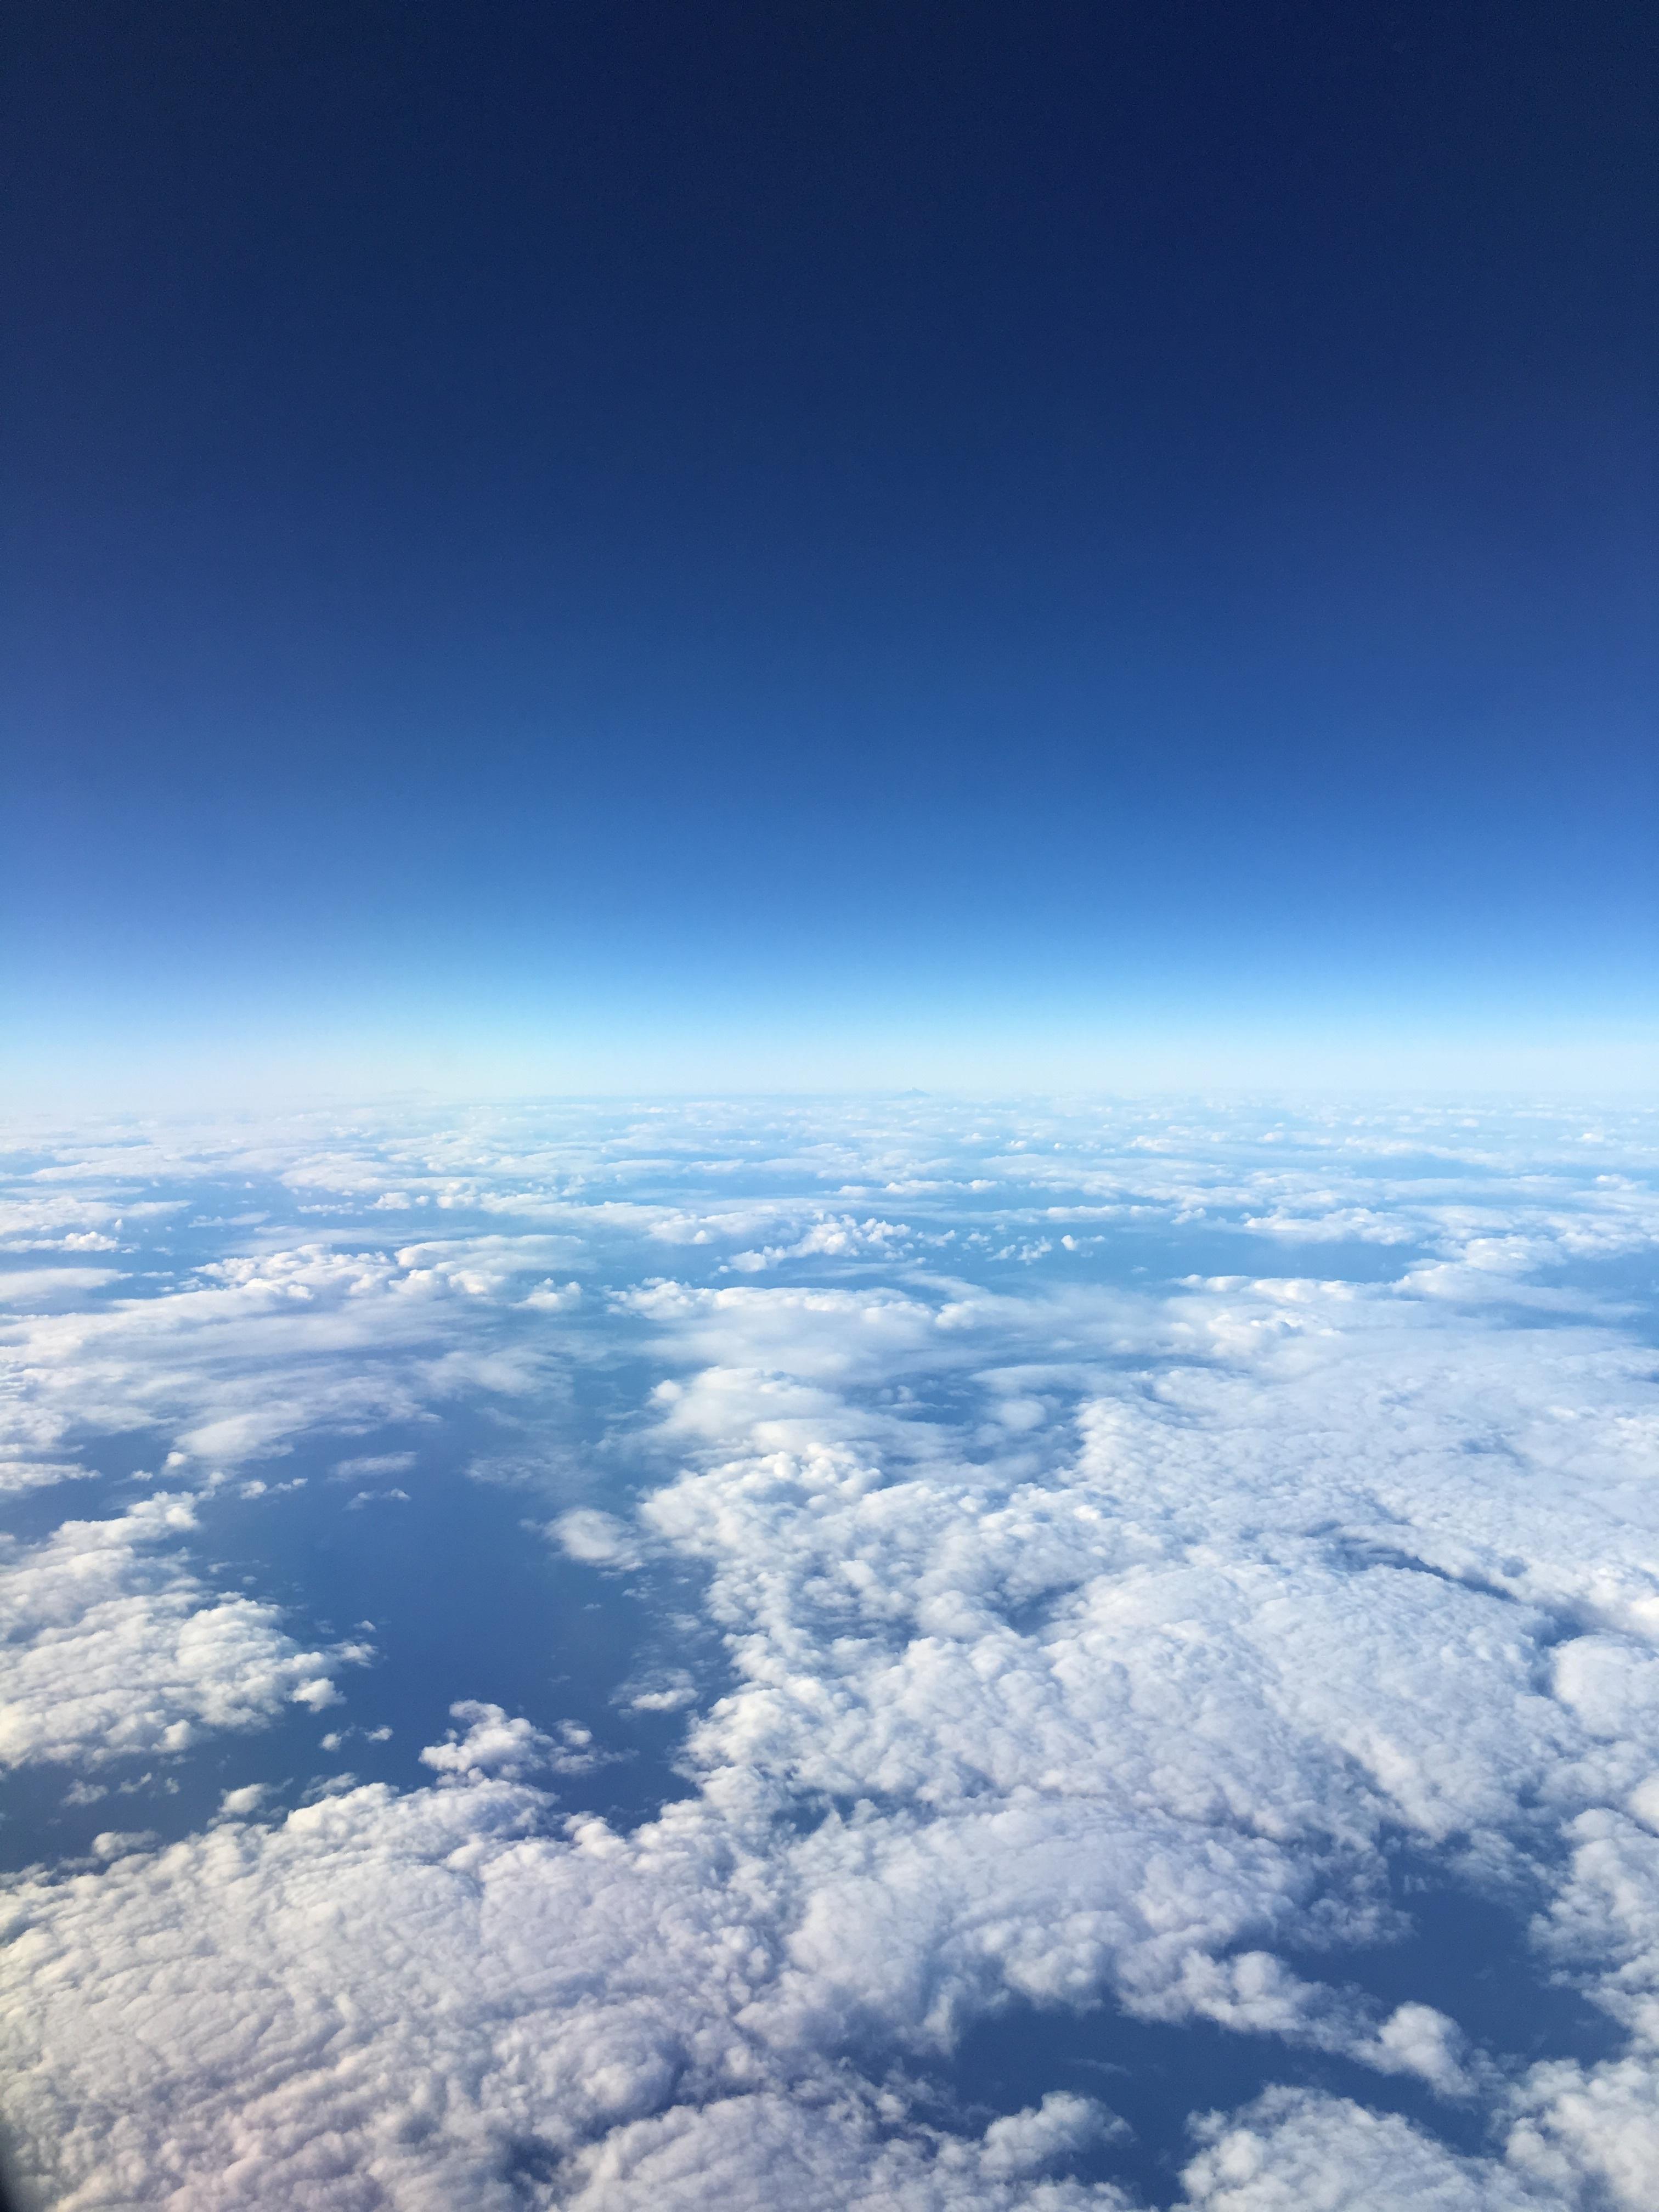 Фото с земным шаром в облаках